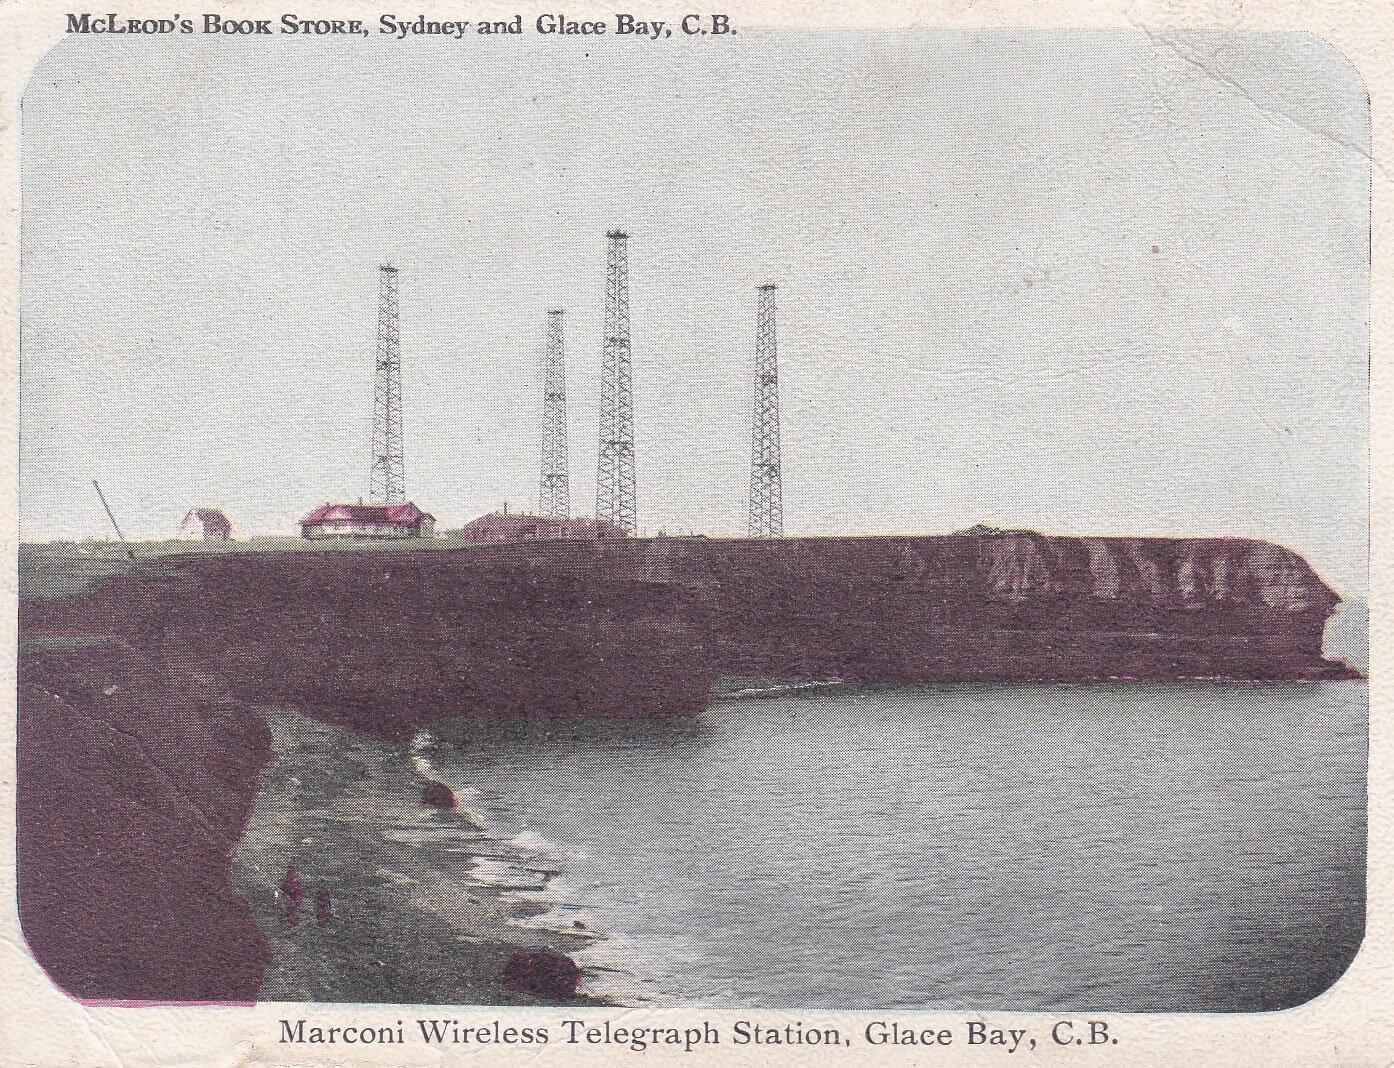 Estación Marconi de telegrafía sin hilos en Glace Bay, Nueva Escocia, Canadá. Circa 1902